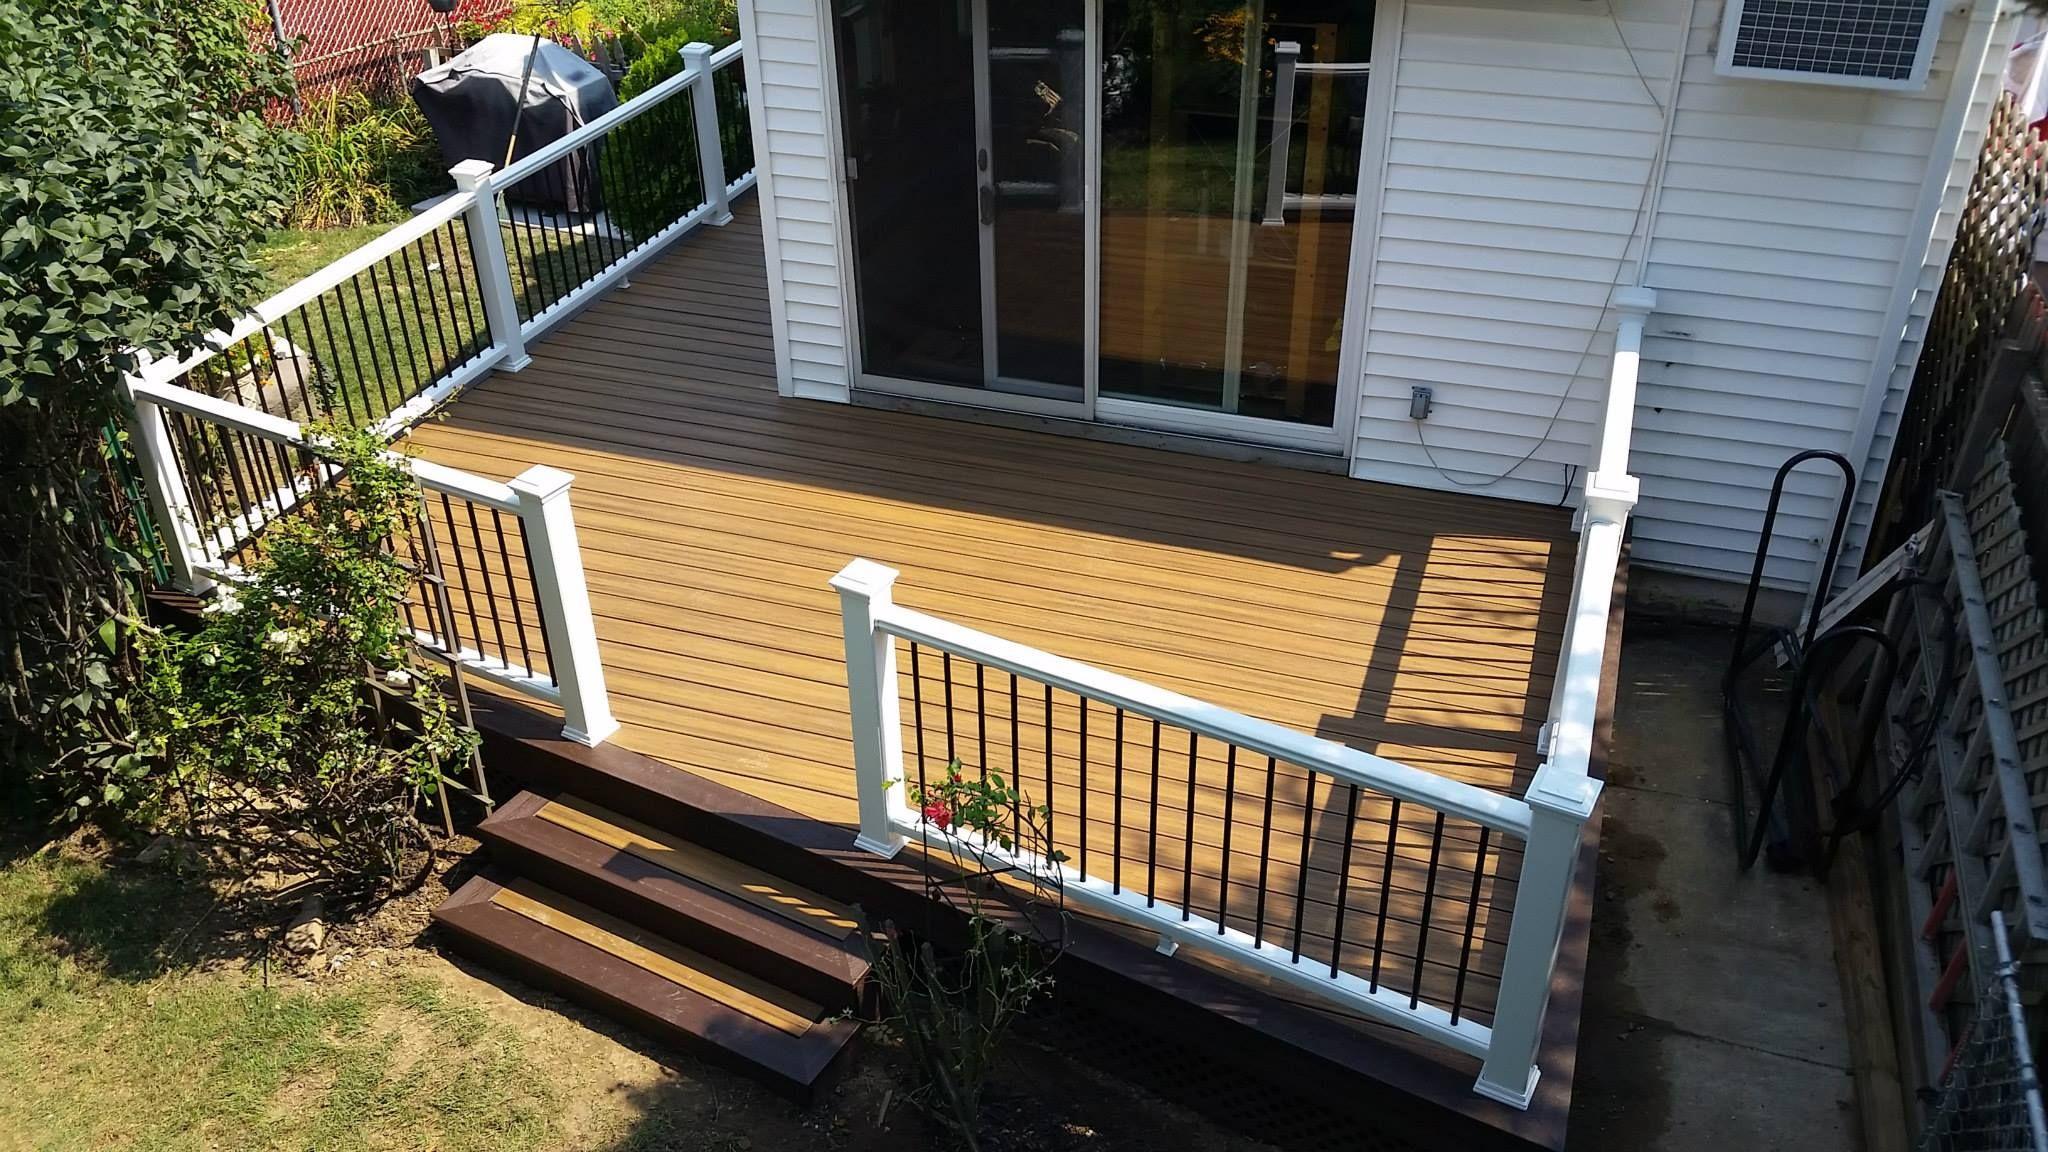 Long Island Deck Builder Wood Awnings Custom Decks Deck Design Nassau County Suffolk County Pergolas Deck Contractor Island Deck Deck Builders Deck Design